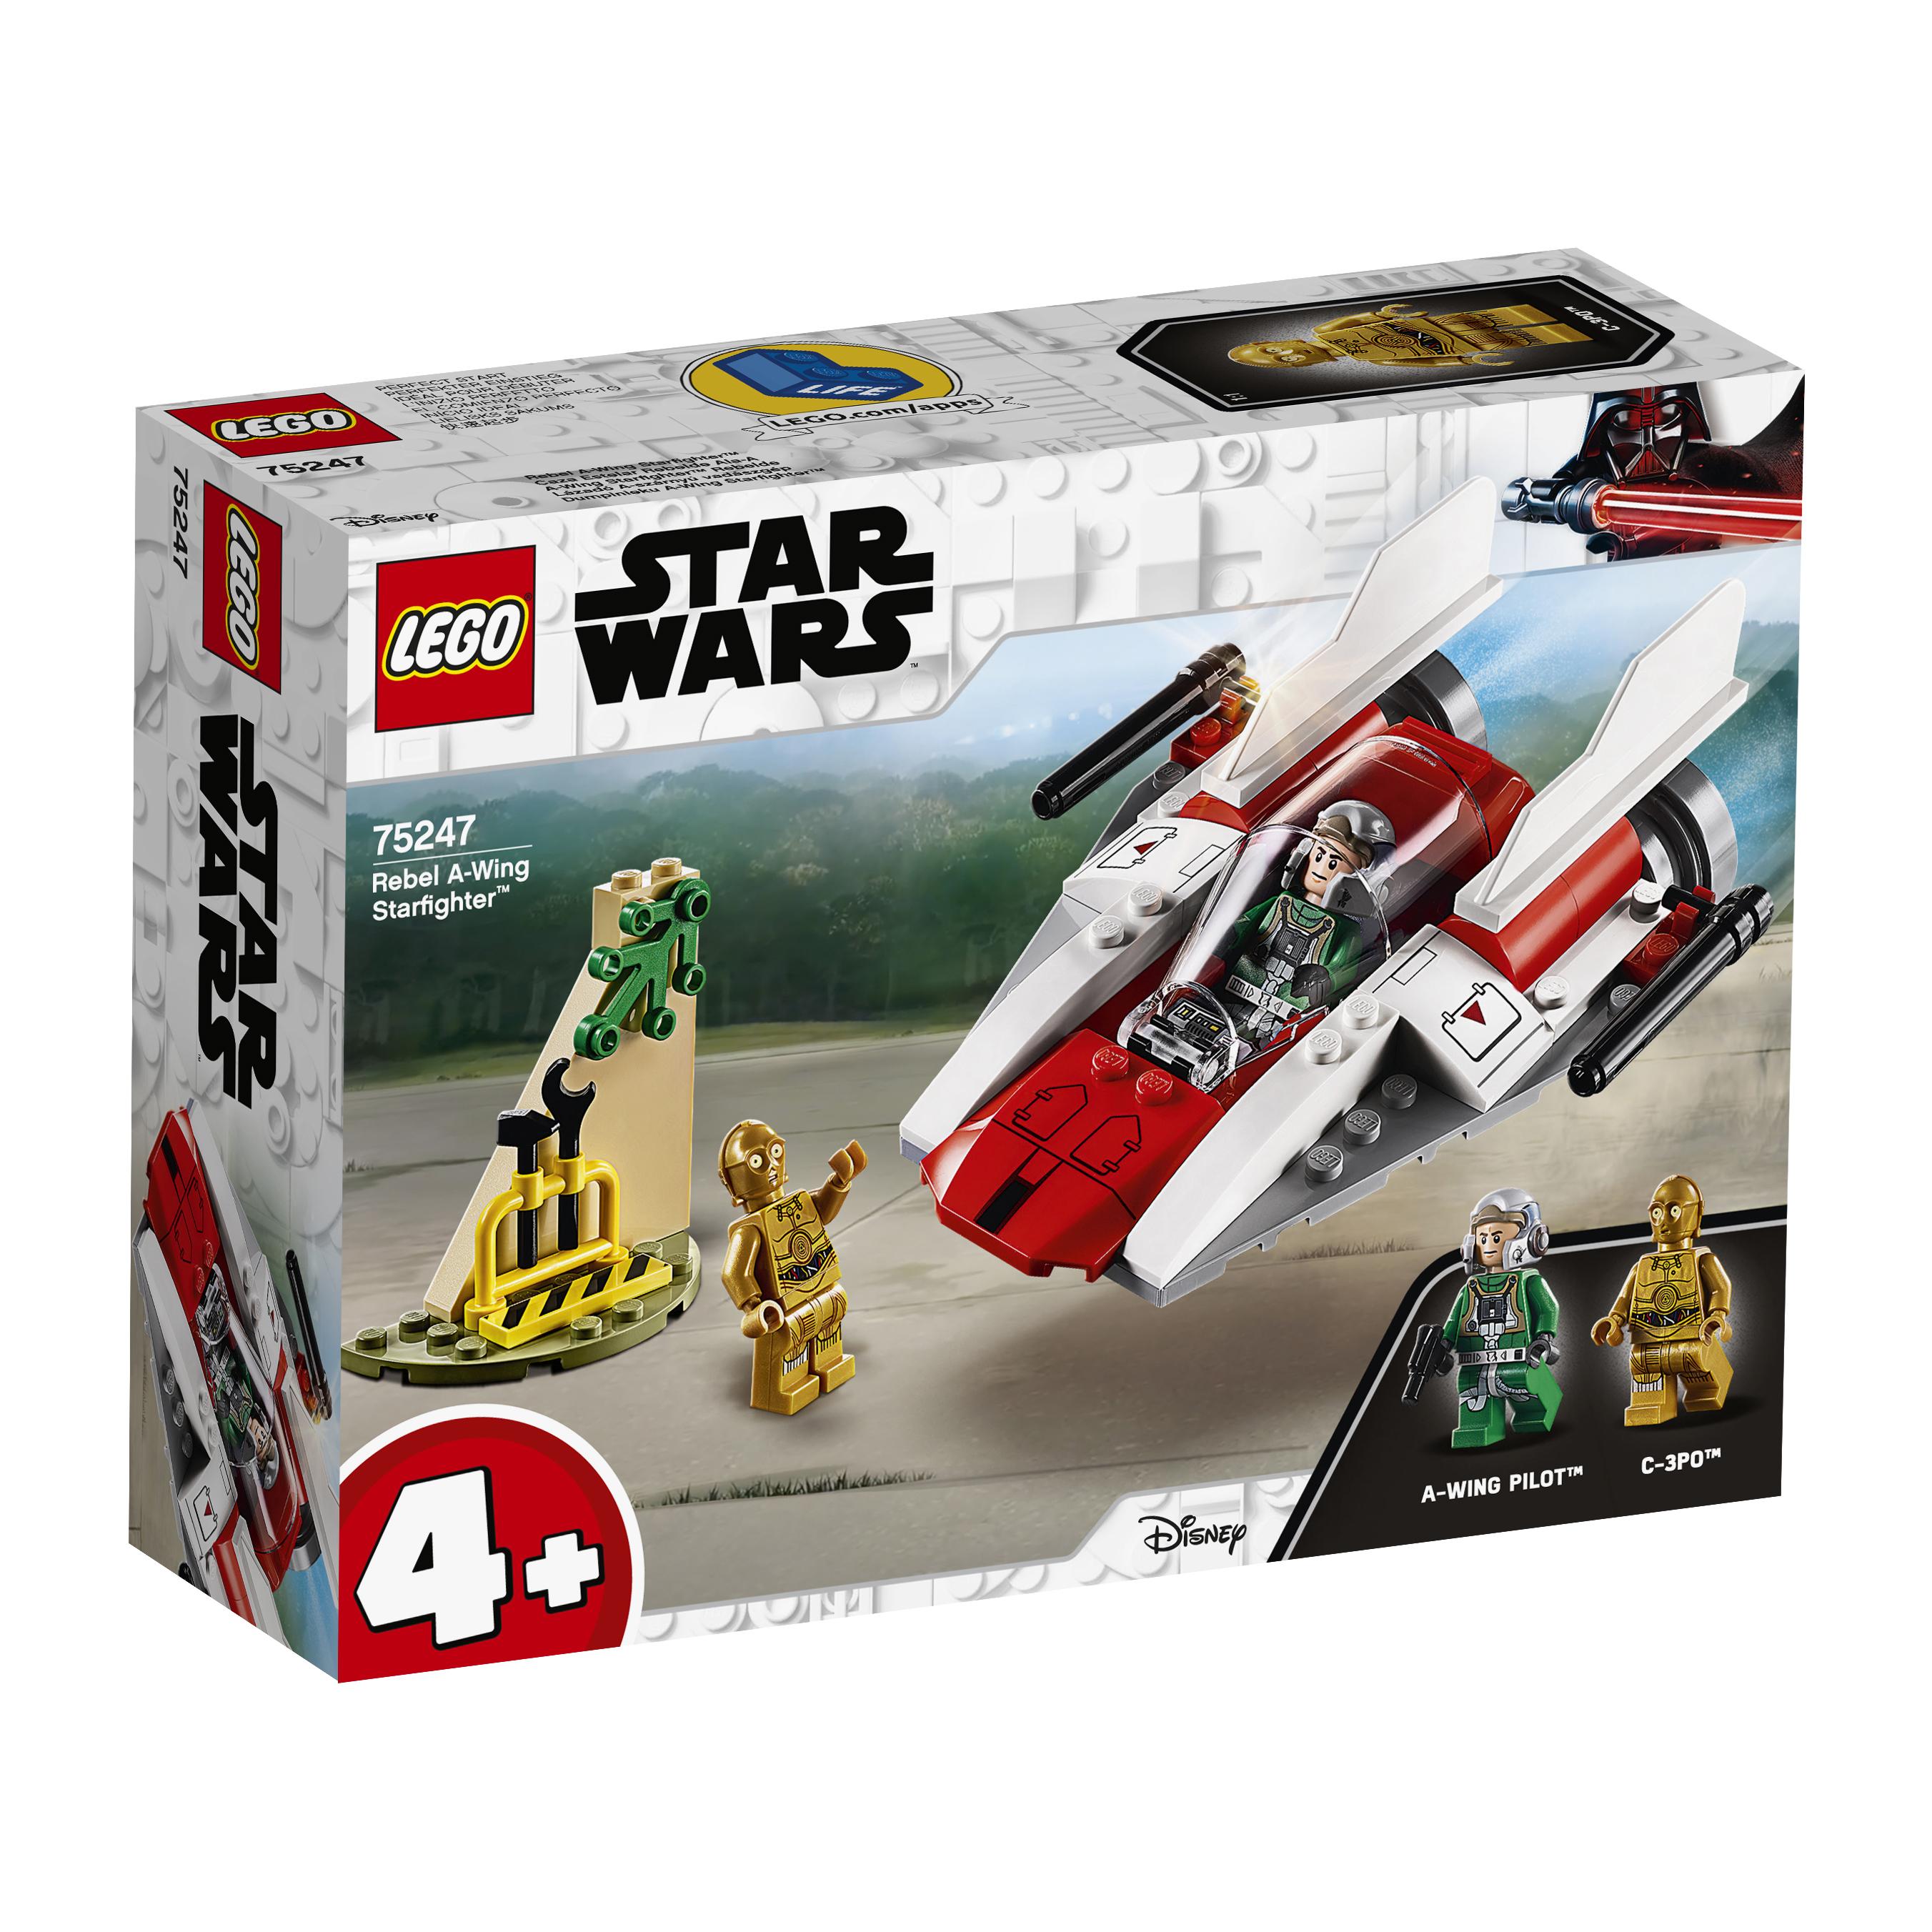 Star Wars LEGO Star Wars 75247 Звёздный истребитель типа А конструктор lego star wars истребитель сопротивления типа икс 740 элементов 75149